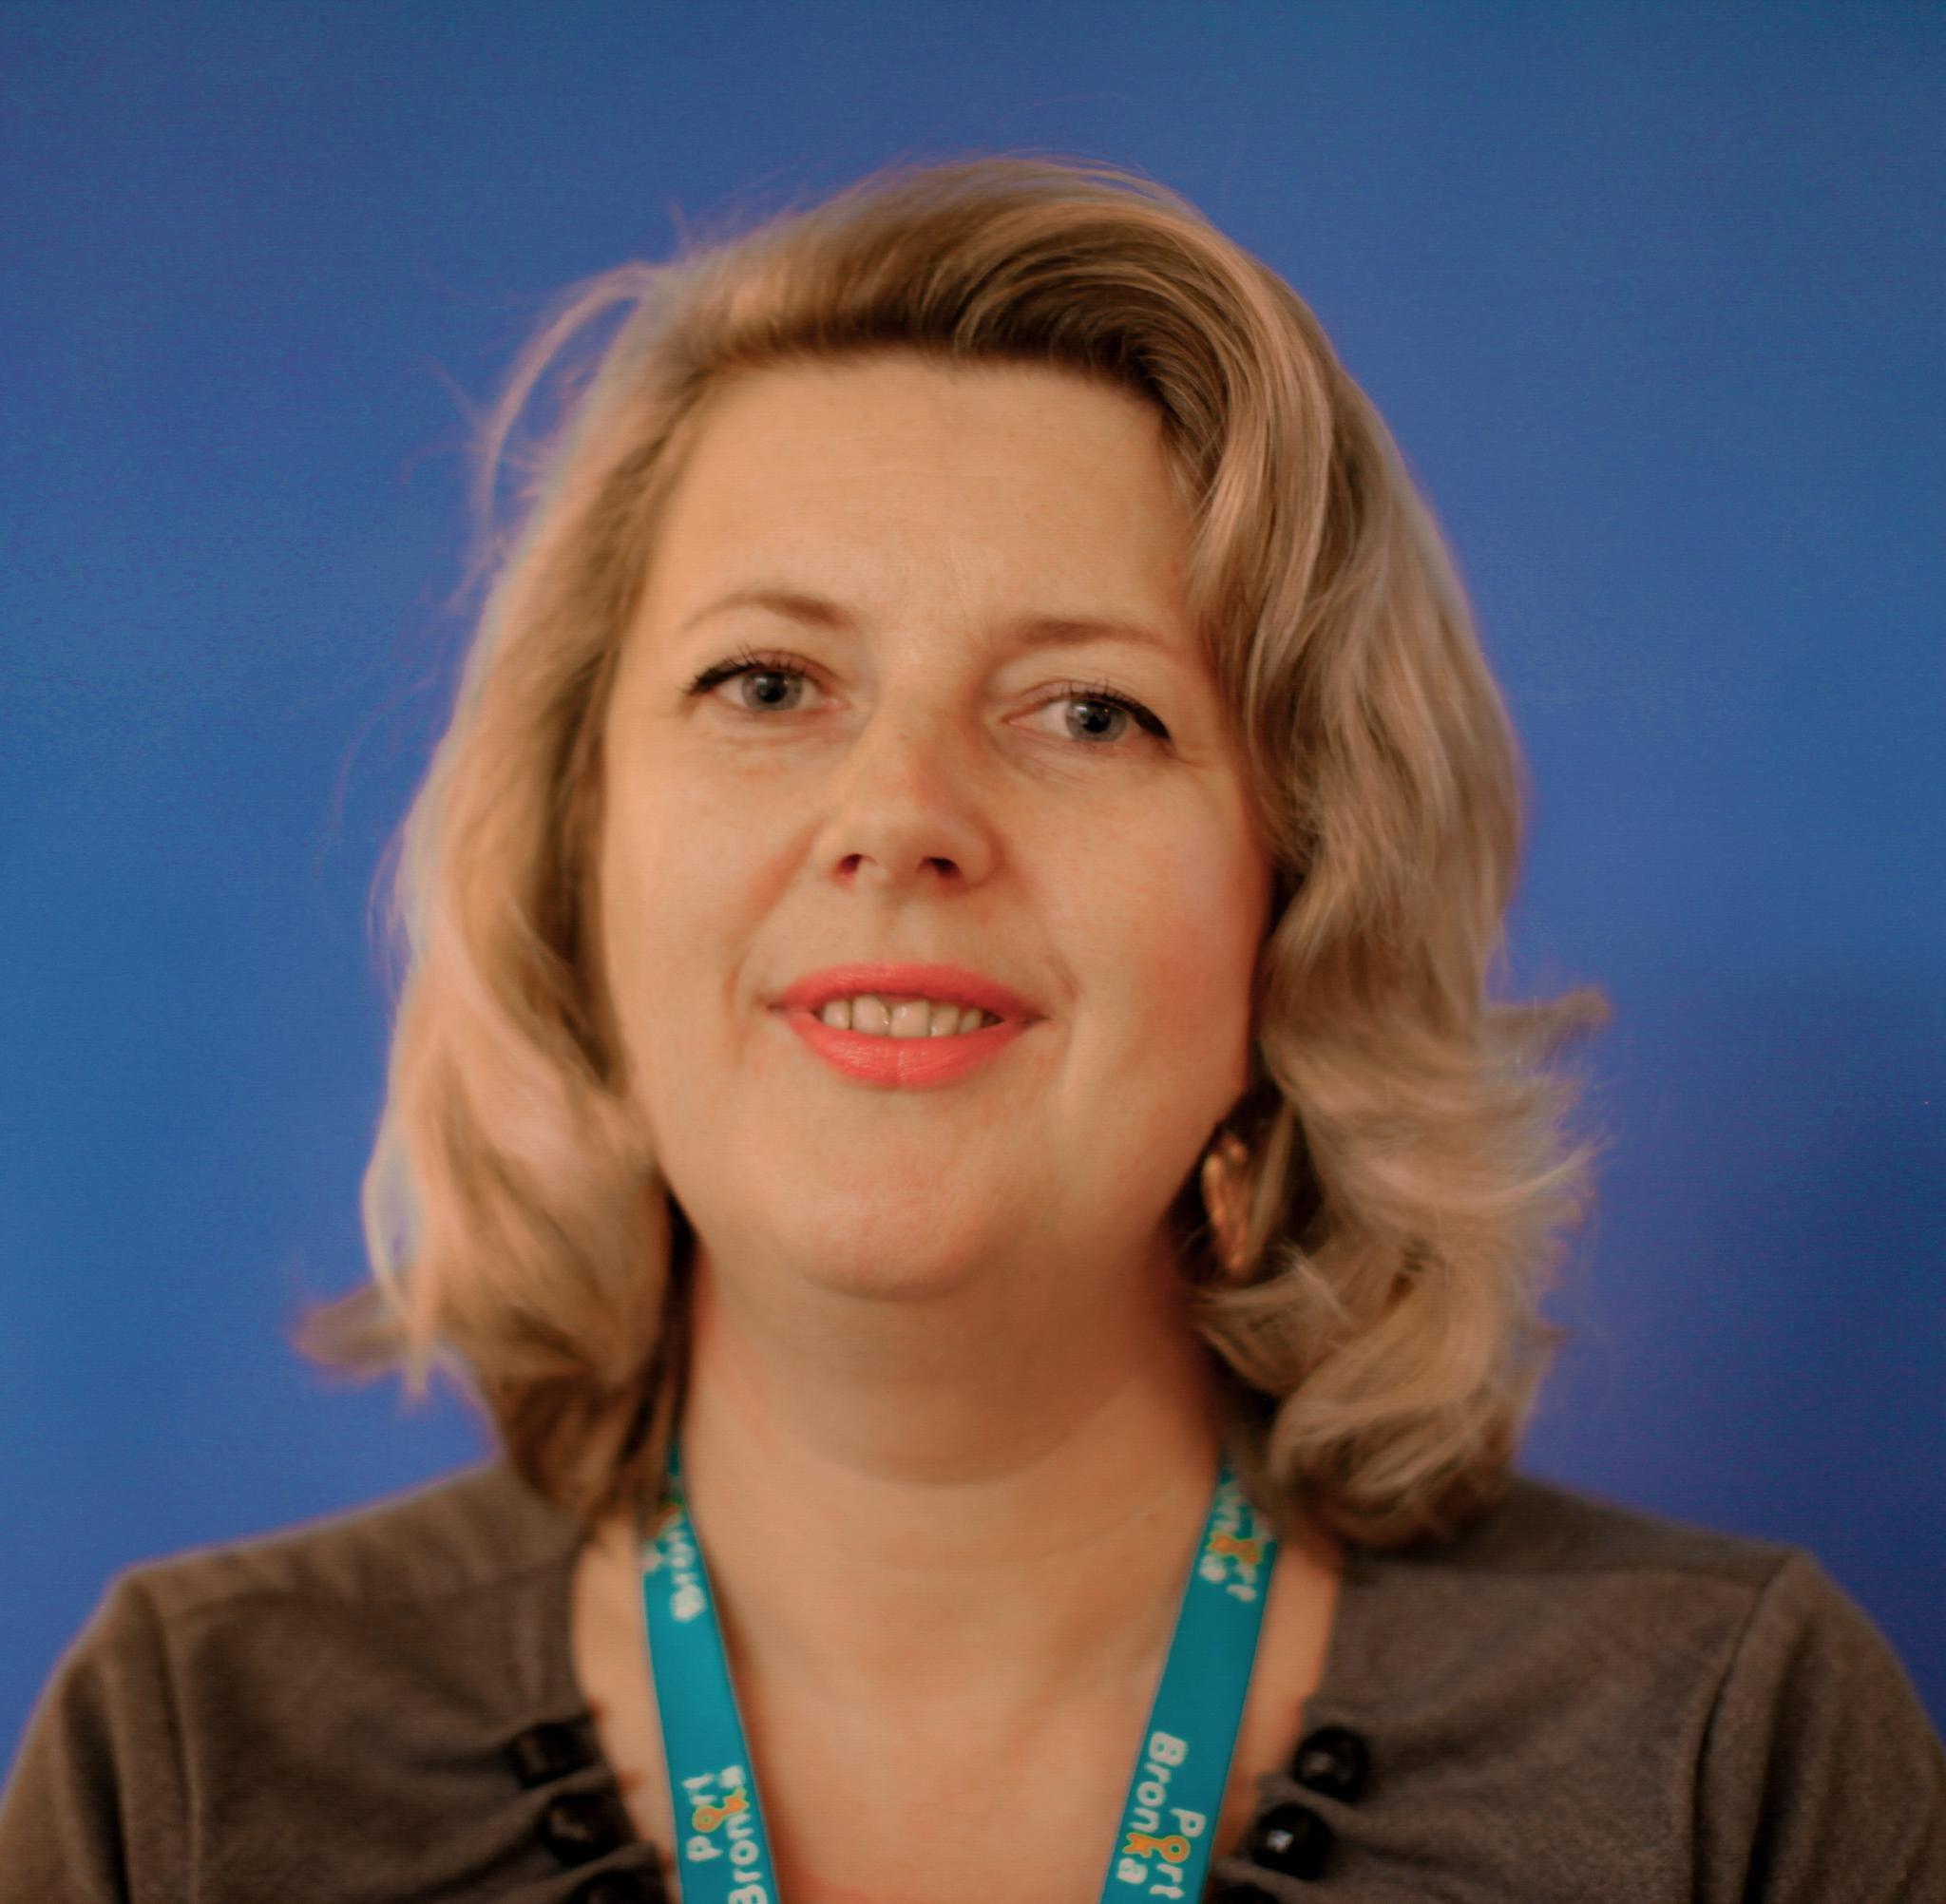 Olga Cherednikova